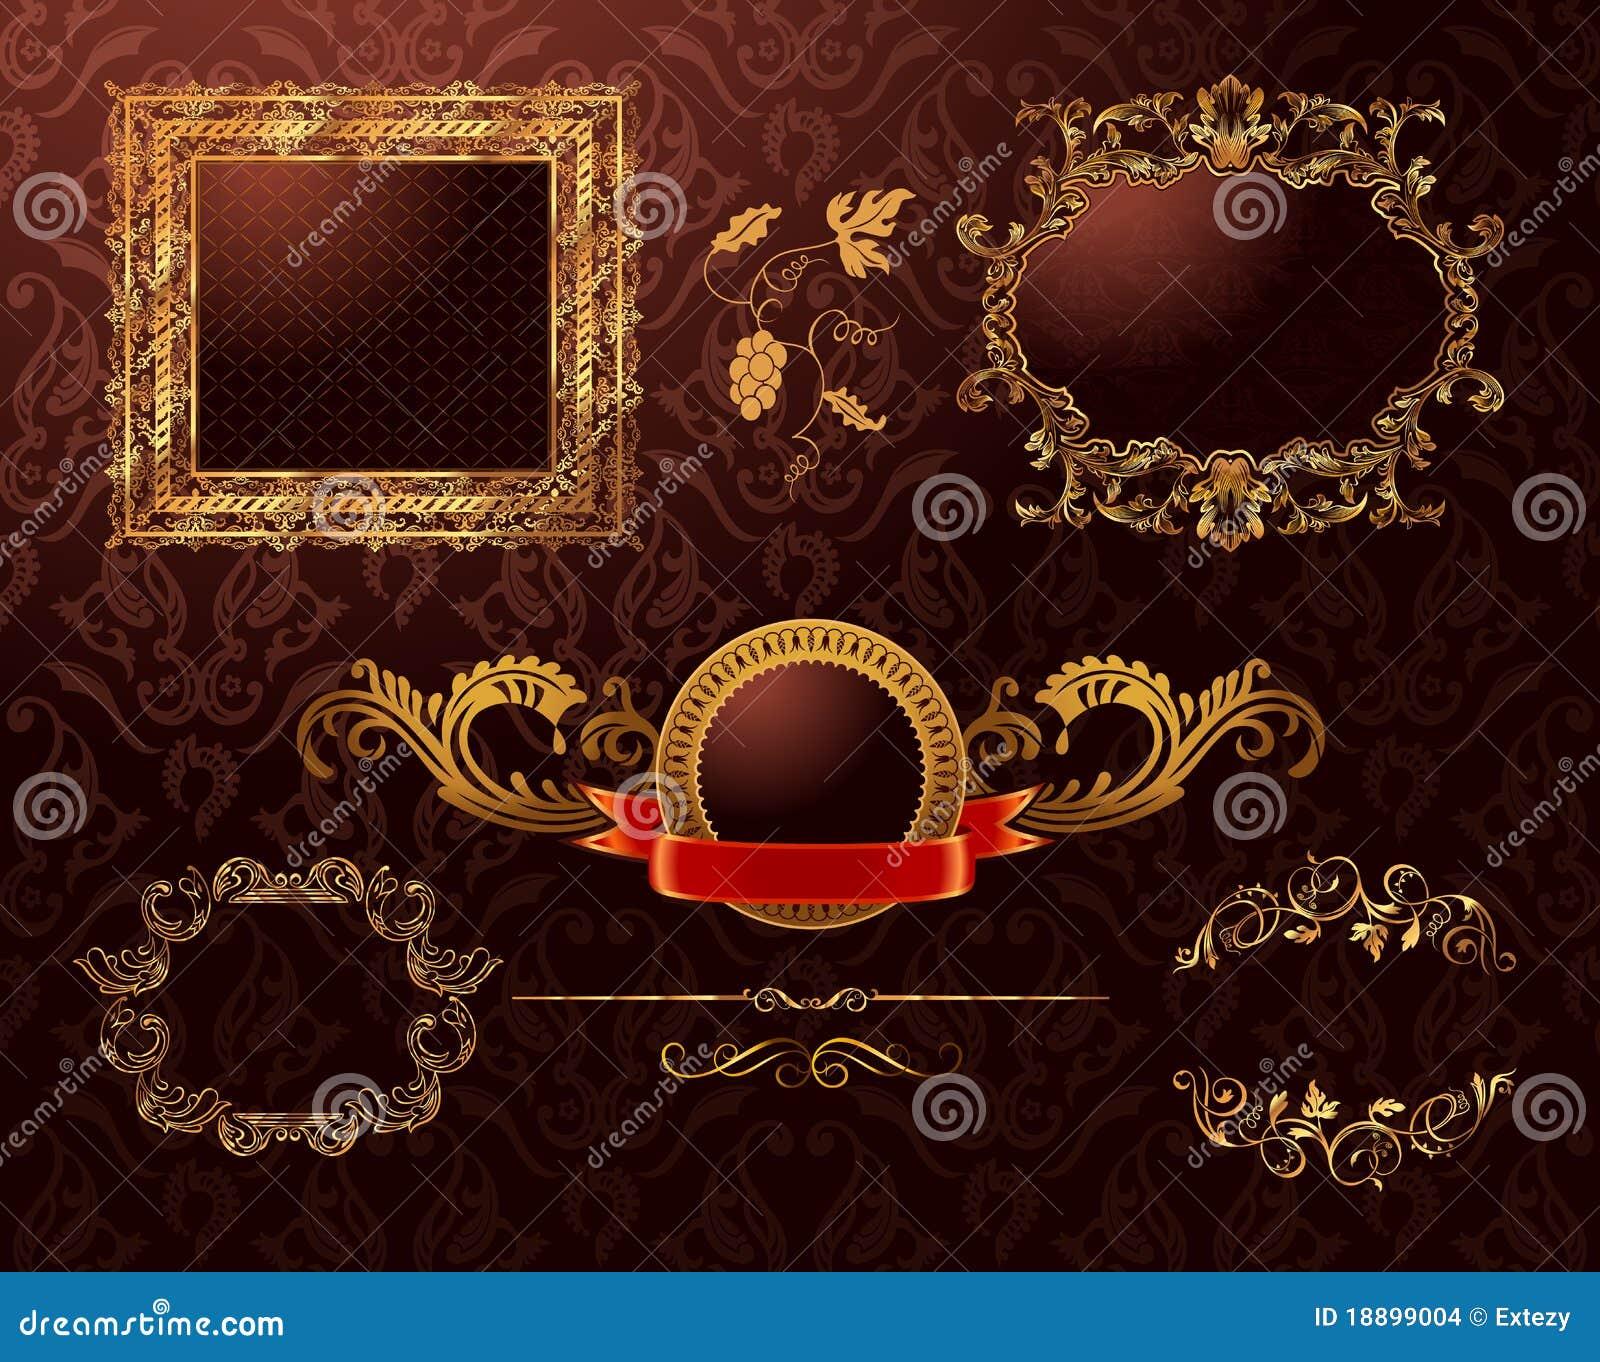 vintage royal gold frames ornament  vector element stock